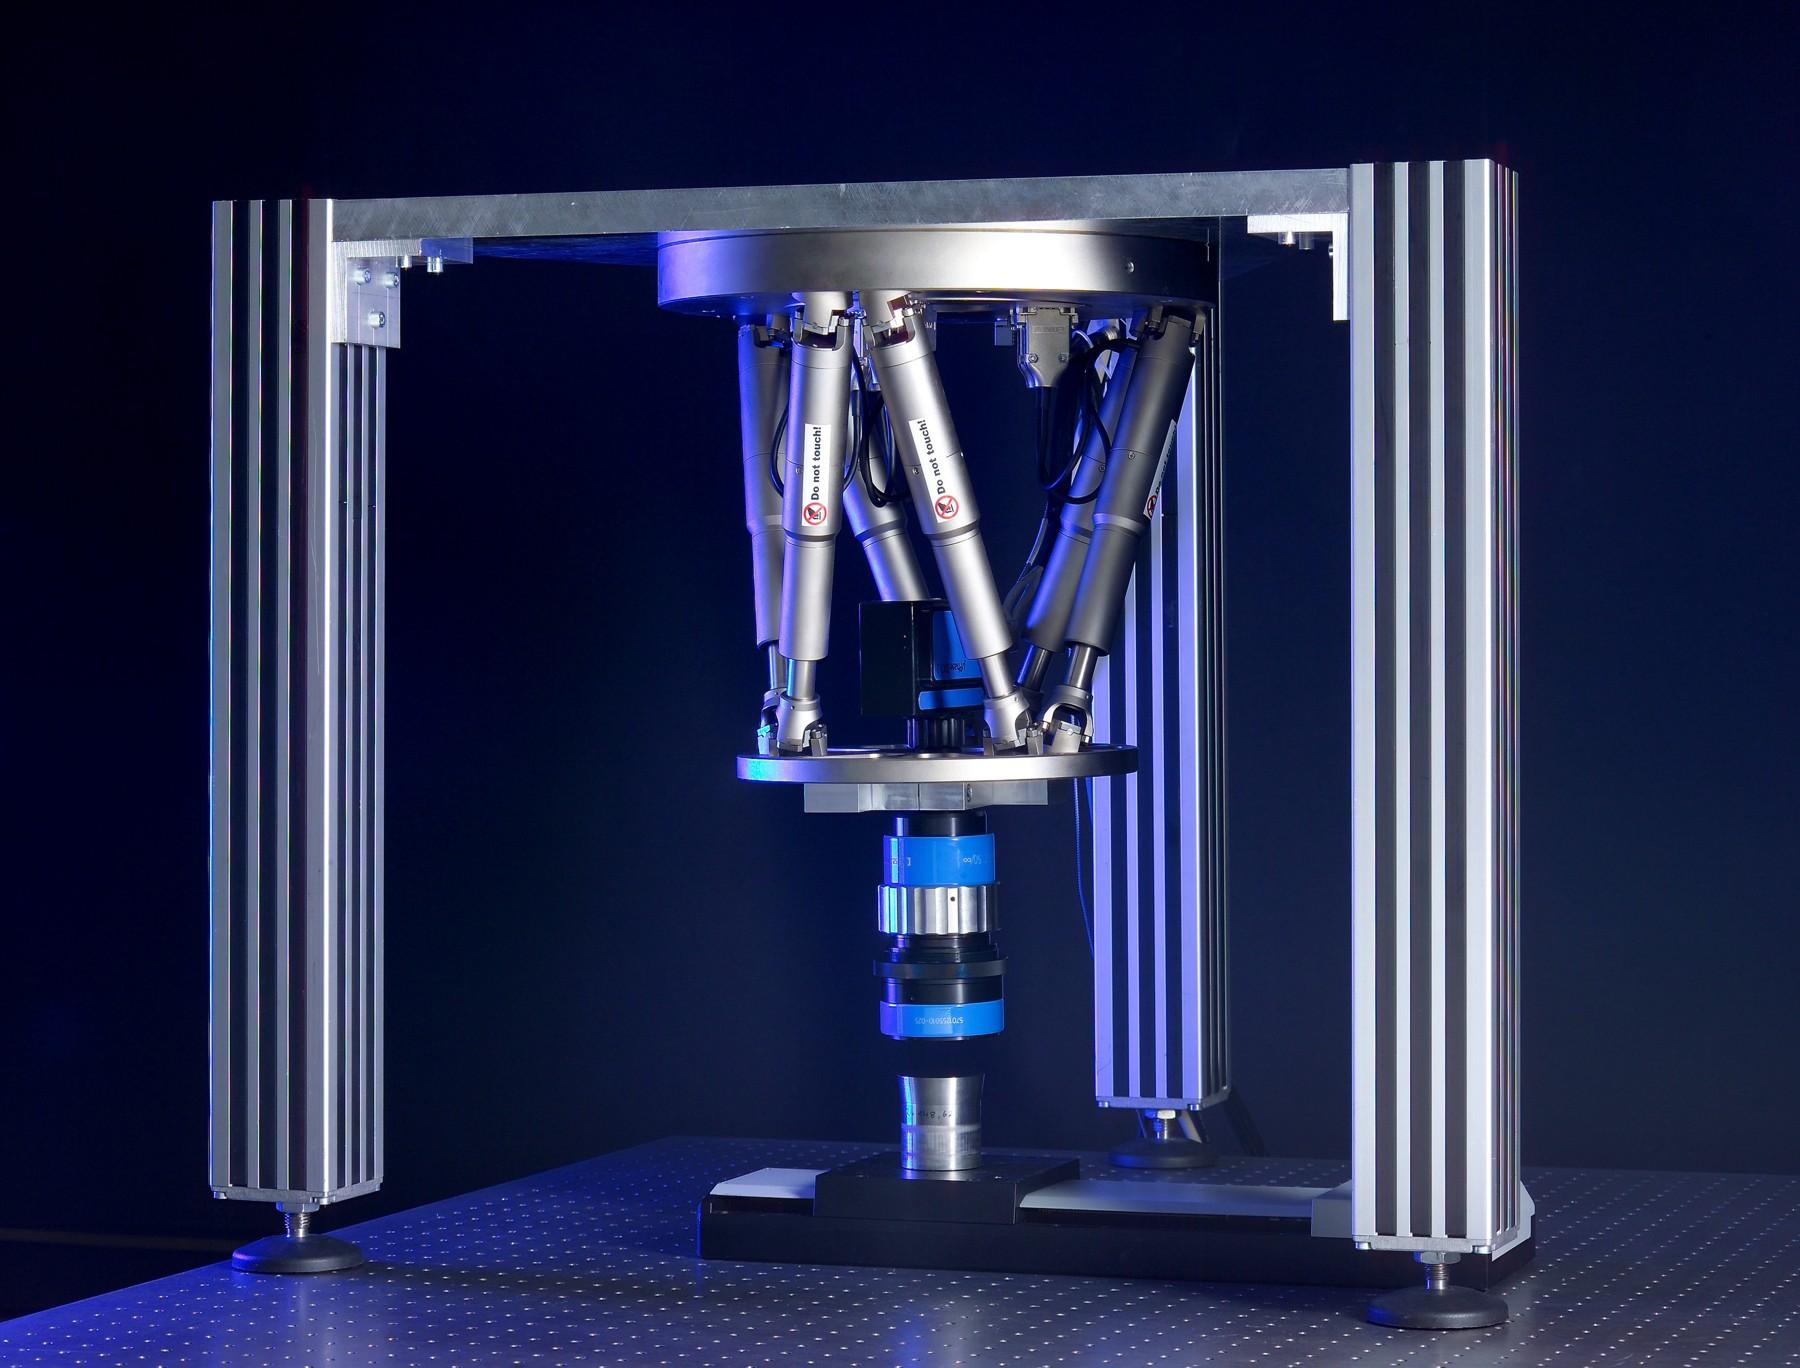 Ultrapräzises Messsystem für optische Oberflächen. Auch in dieser Anwendung sind Hexapoden das Mittel der Wahl Bild: PI / Fraunhofer IPT